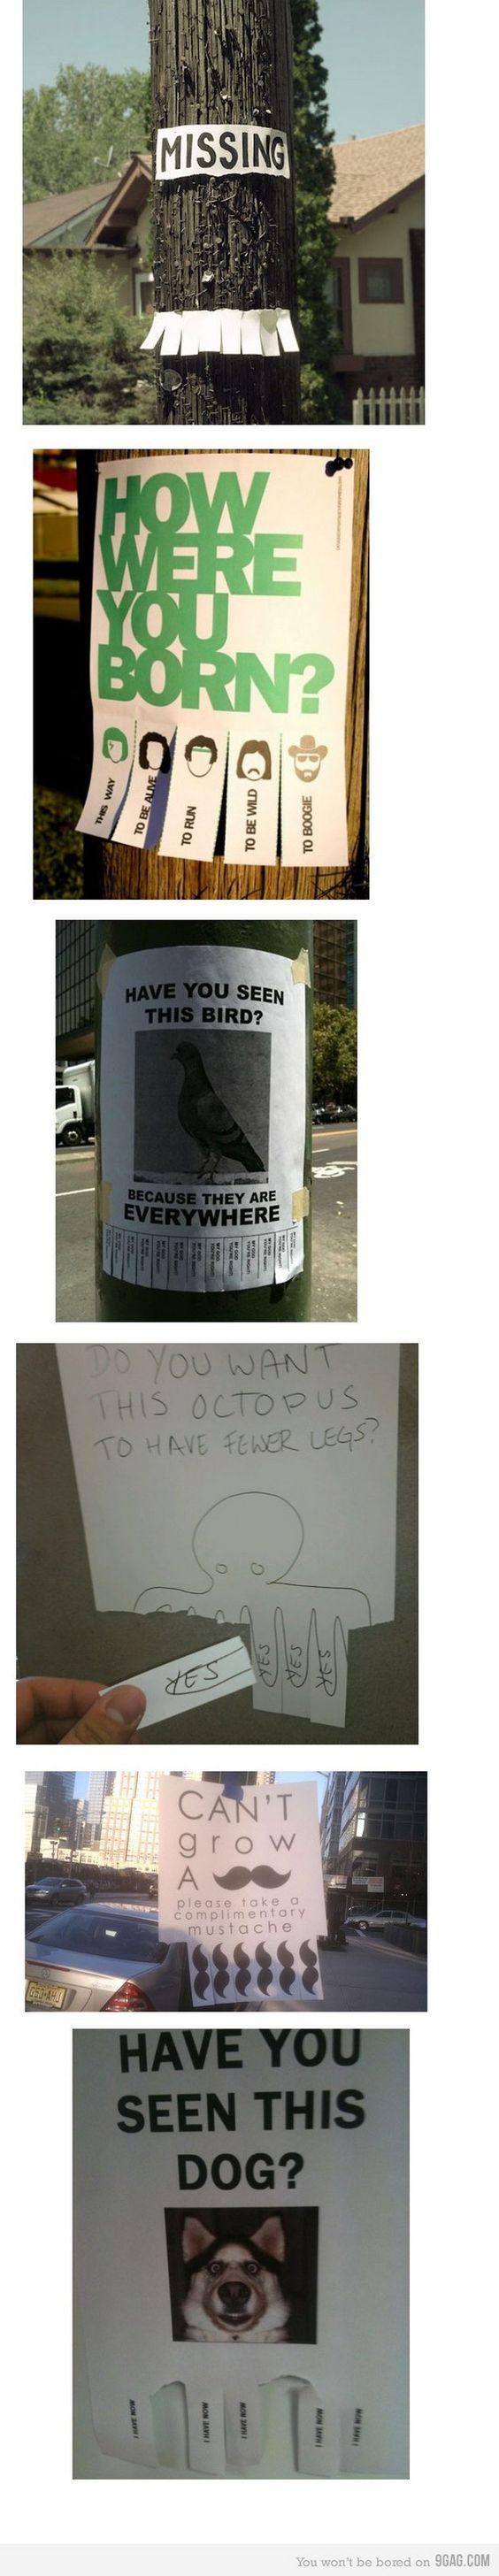 Funny Signs (16 Pics)